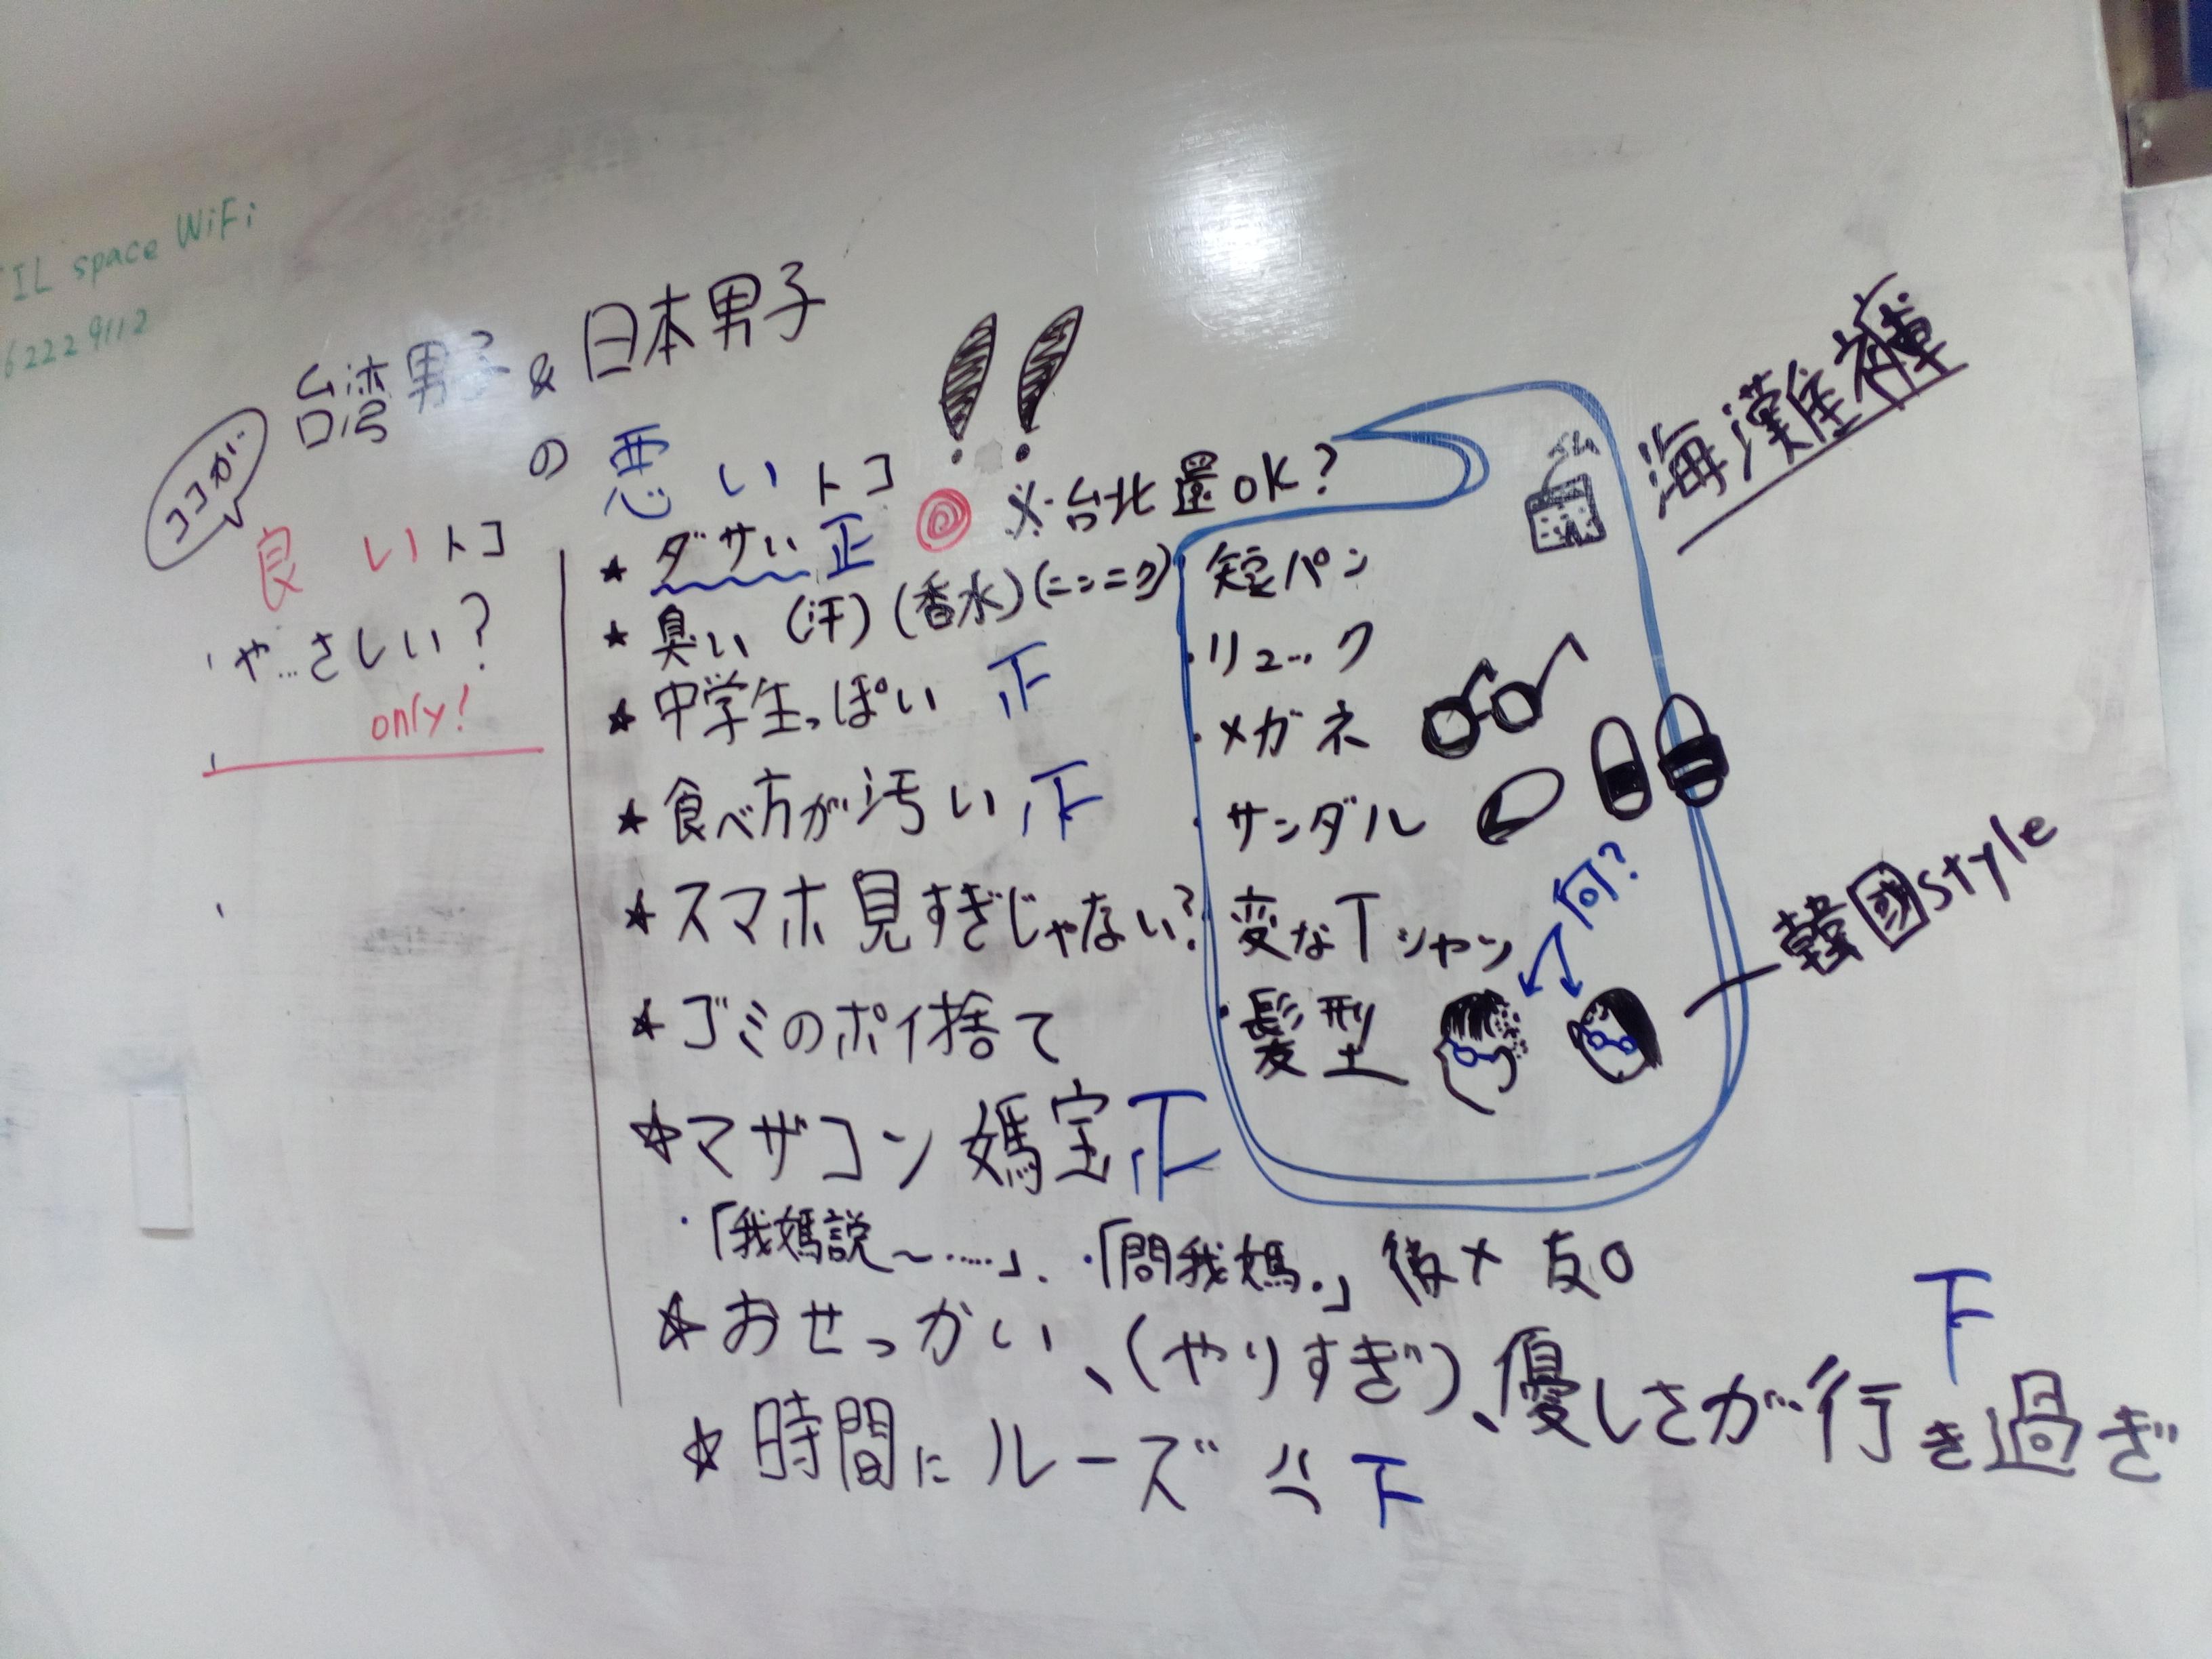 【言語交流会】臺灣男子と日本男子のココがいいトコ!悪いトコ!【女子会】